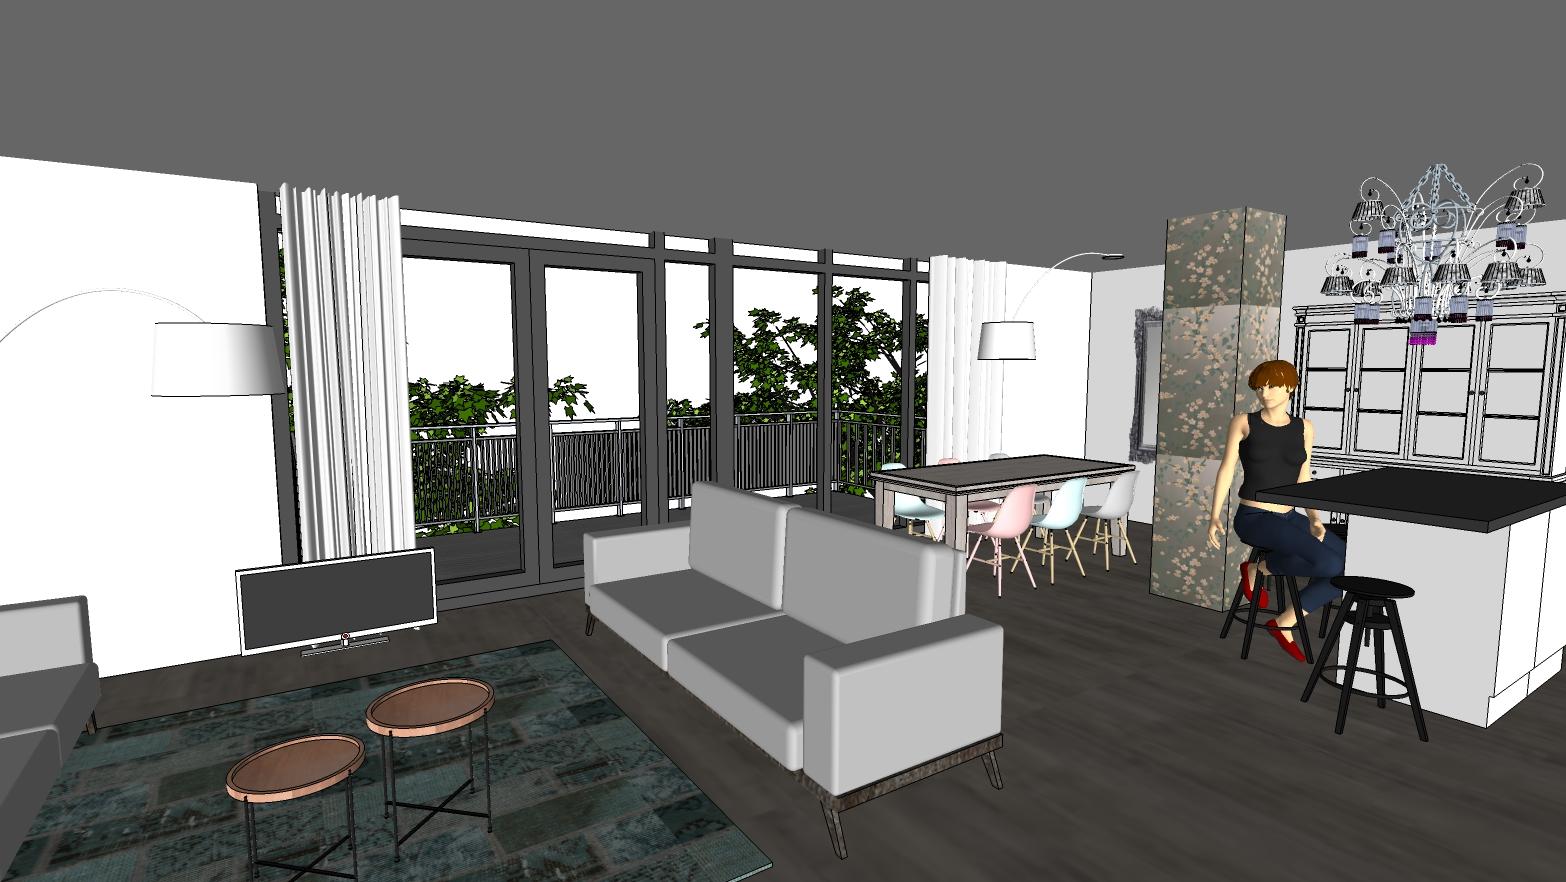 Interieur De Luxe Appartement interieurontwerp luxe appartement walkart house zeist